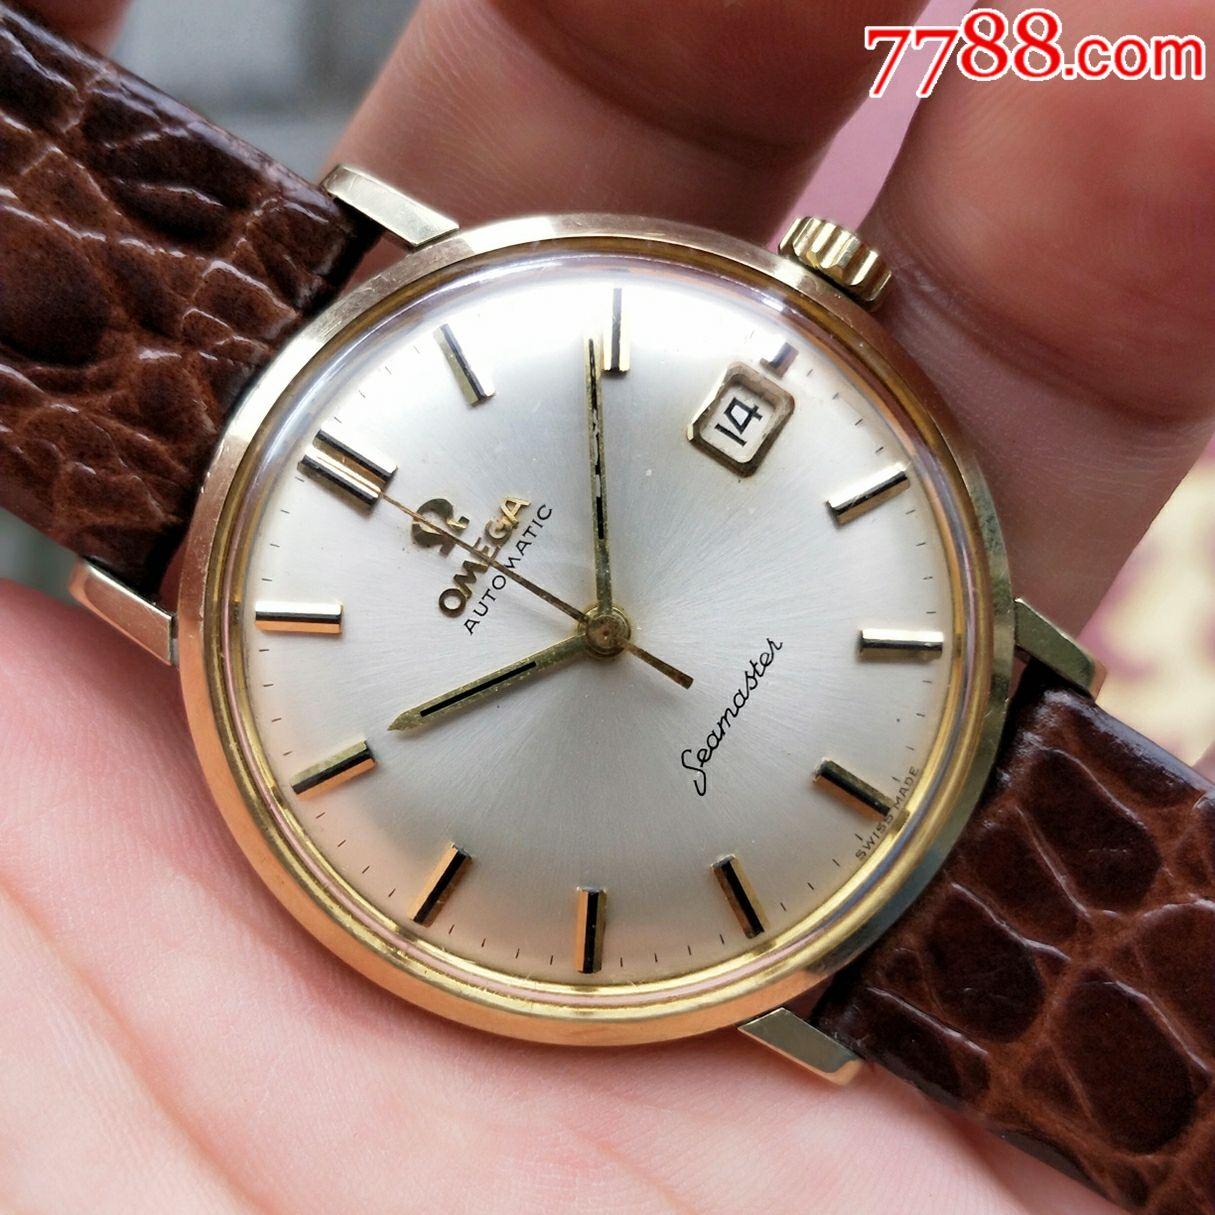 二手手表:瑞士古董欧米茄包金日历海马自动机械表图片